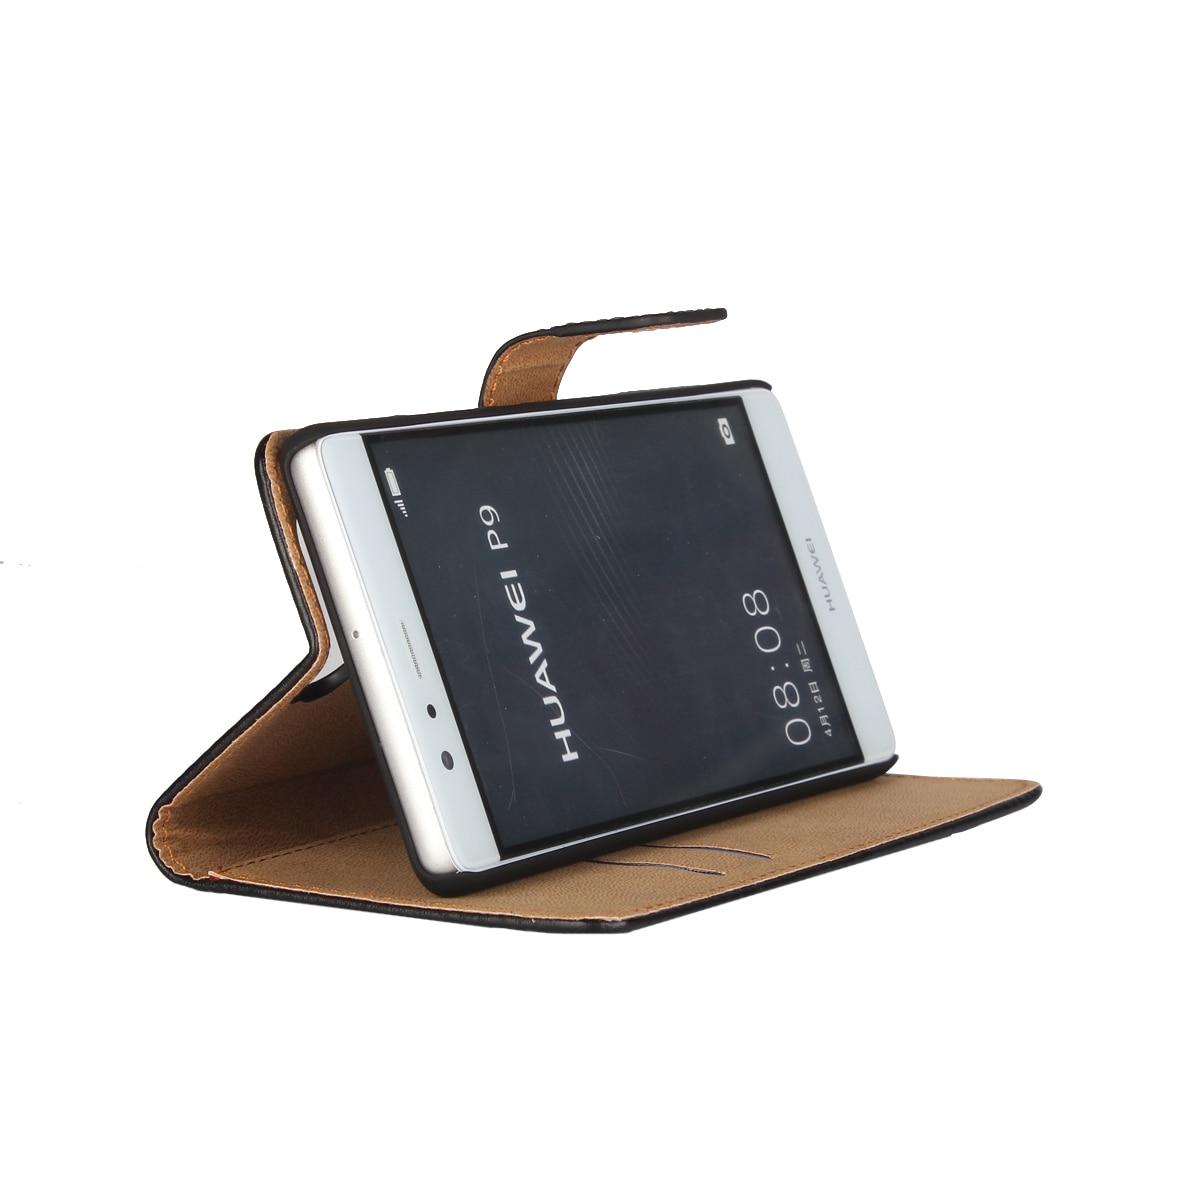 Huawei P9 üçün Case, kart yuvaları və nağd sahibi GG ilə - Cib telefonu aksesuarları və hissələri - Fotoqrafiya 4